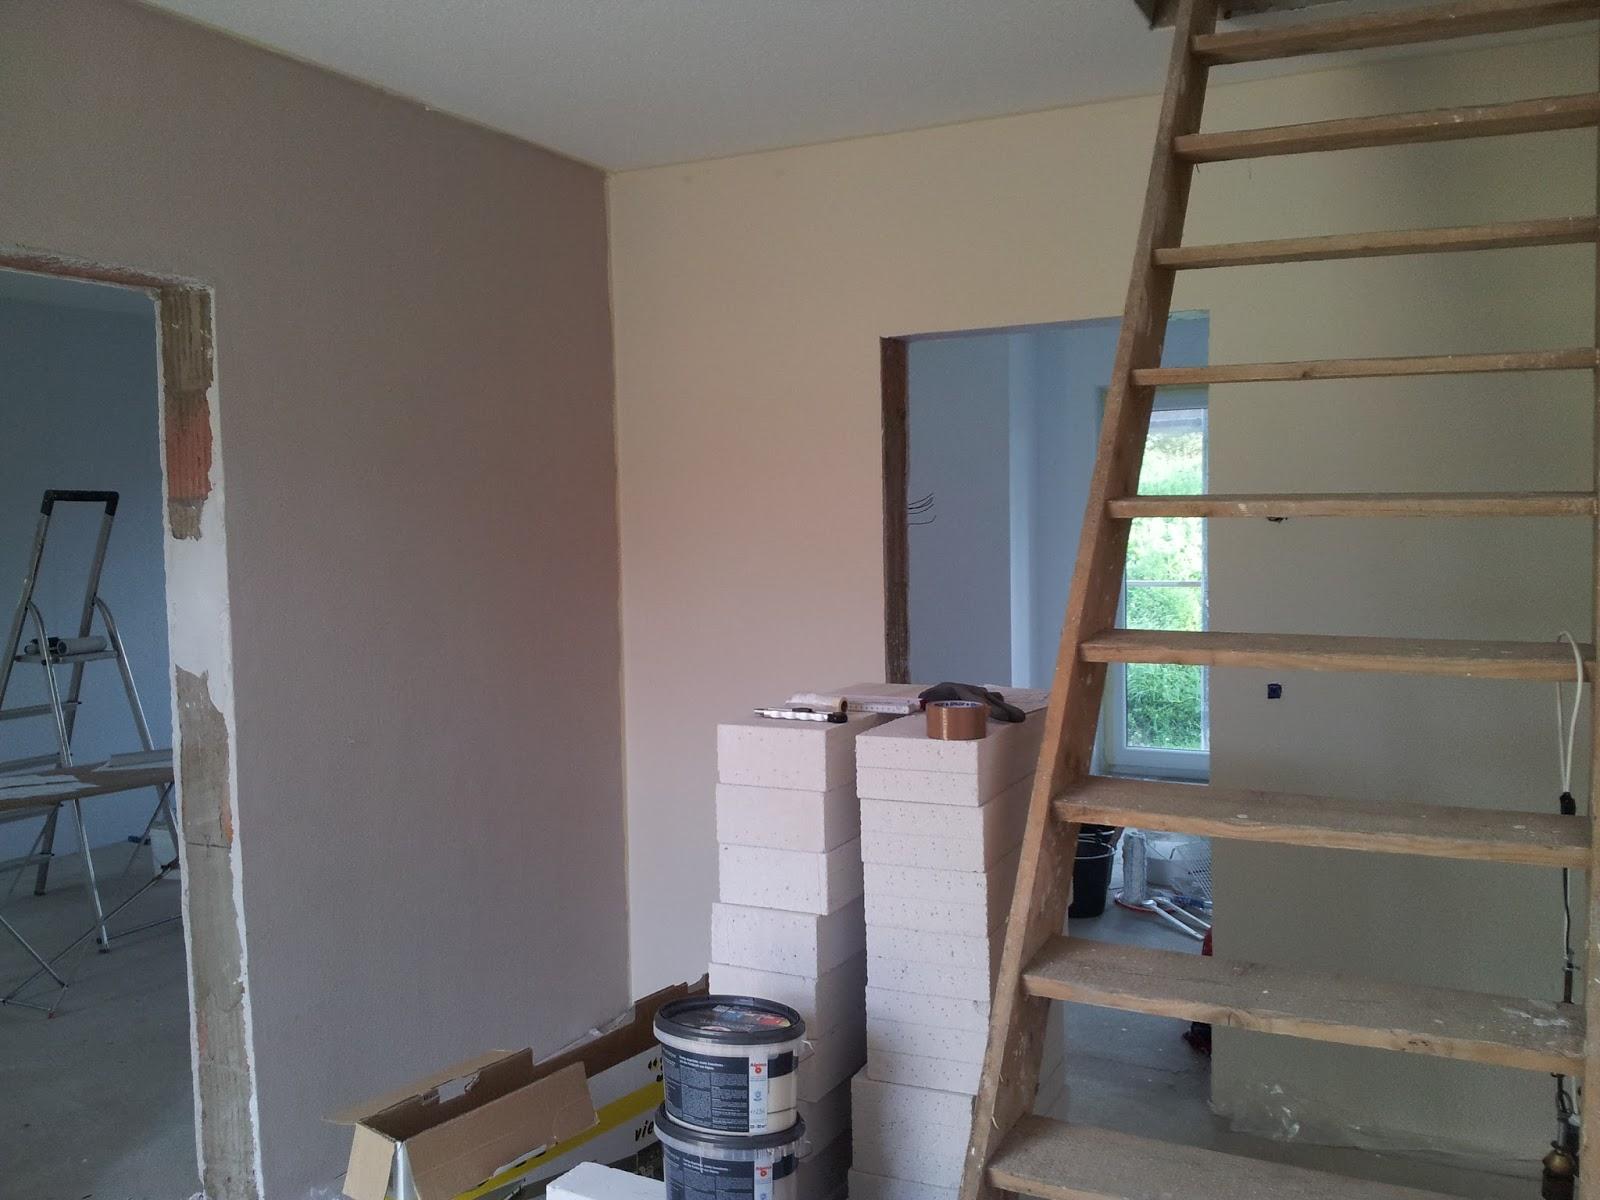 bianca und thorsten bauen 22 kw 39 15 malerarbeiten und tapeten. Black Bedroom Furniture Sets. Home Design Ideas